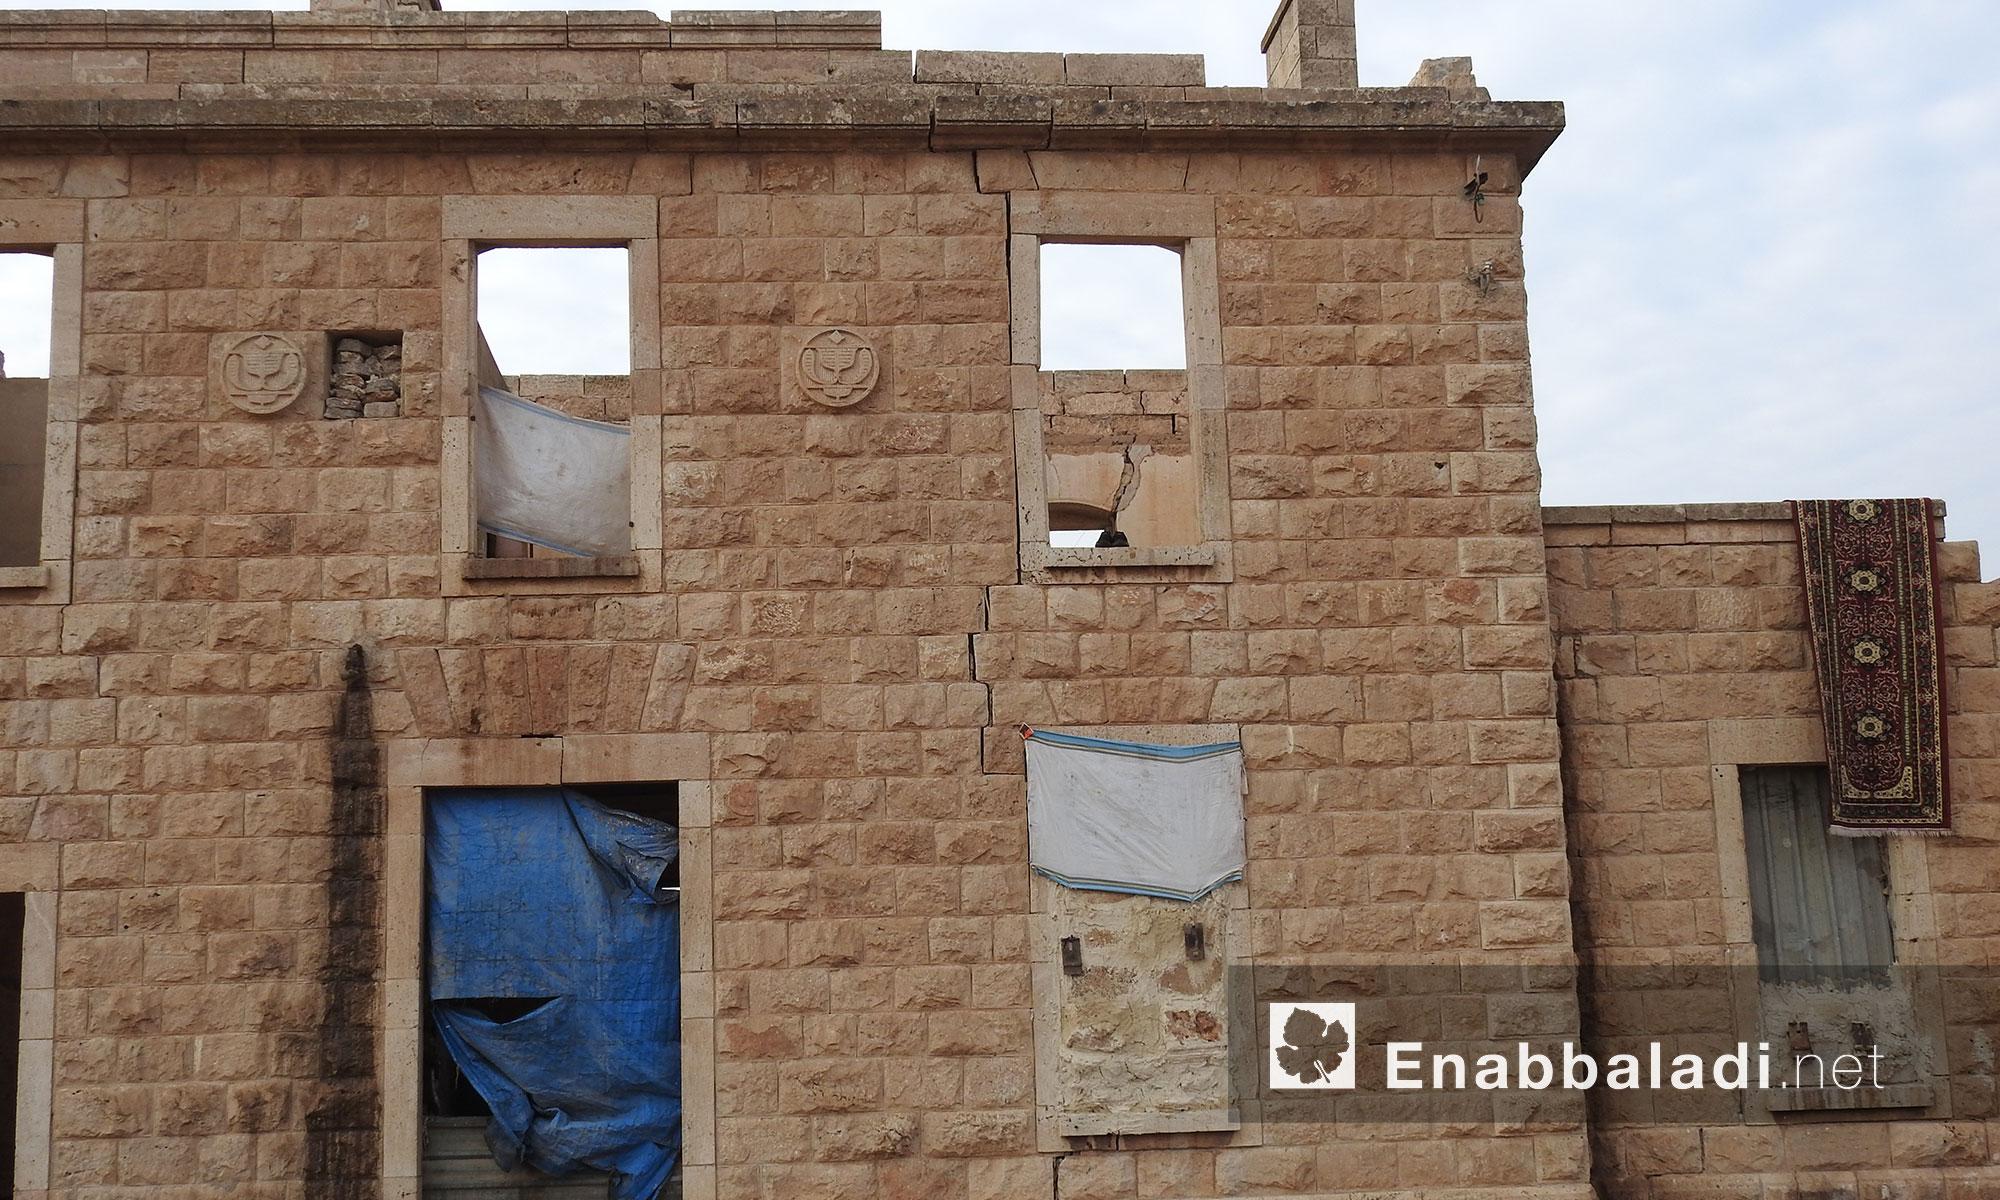 مبنى الاثري القديم (مبنى محطة القطار) في مدينة اخترين بريف حلب الشمالي - 6 كانون الثاني 2018 (عنب بلدي)